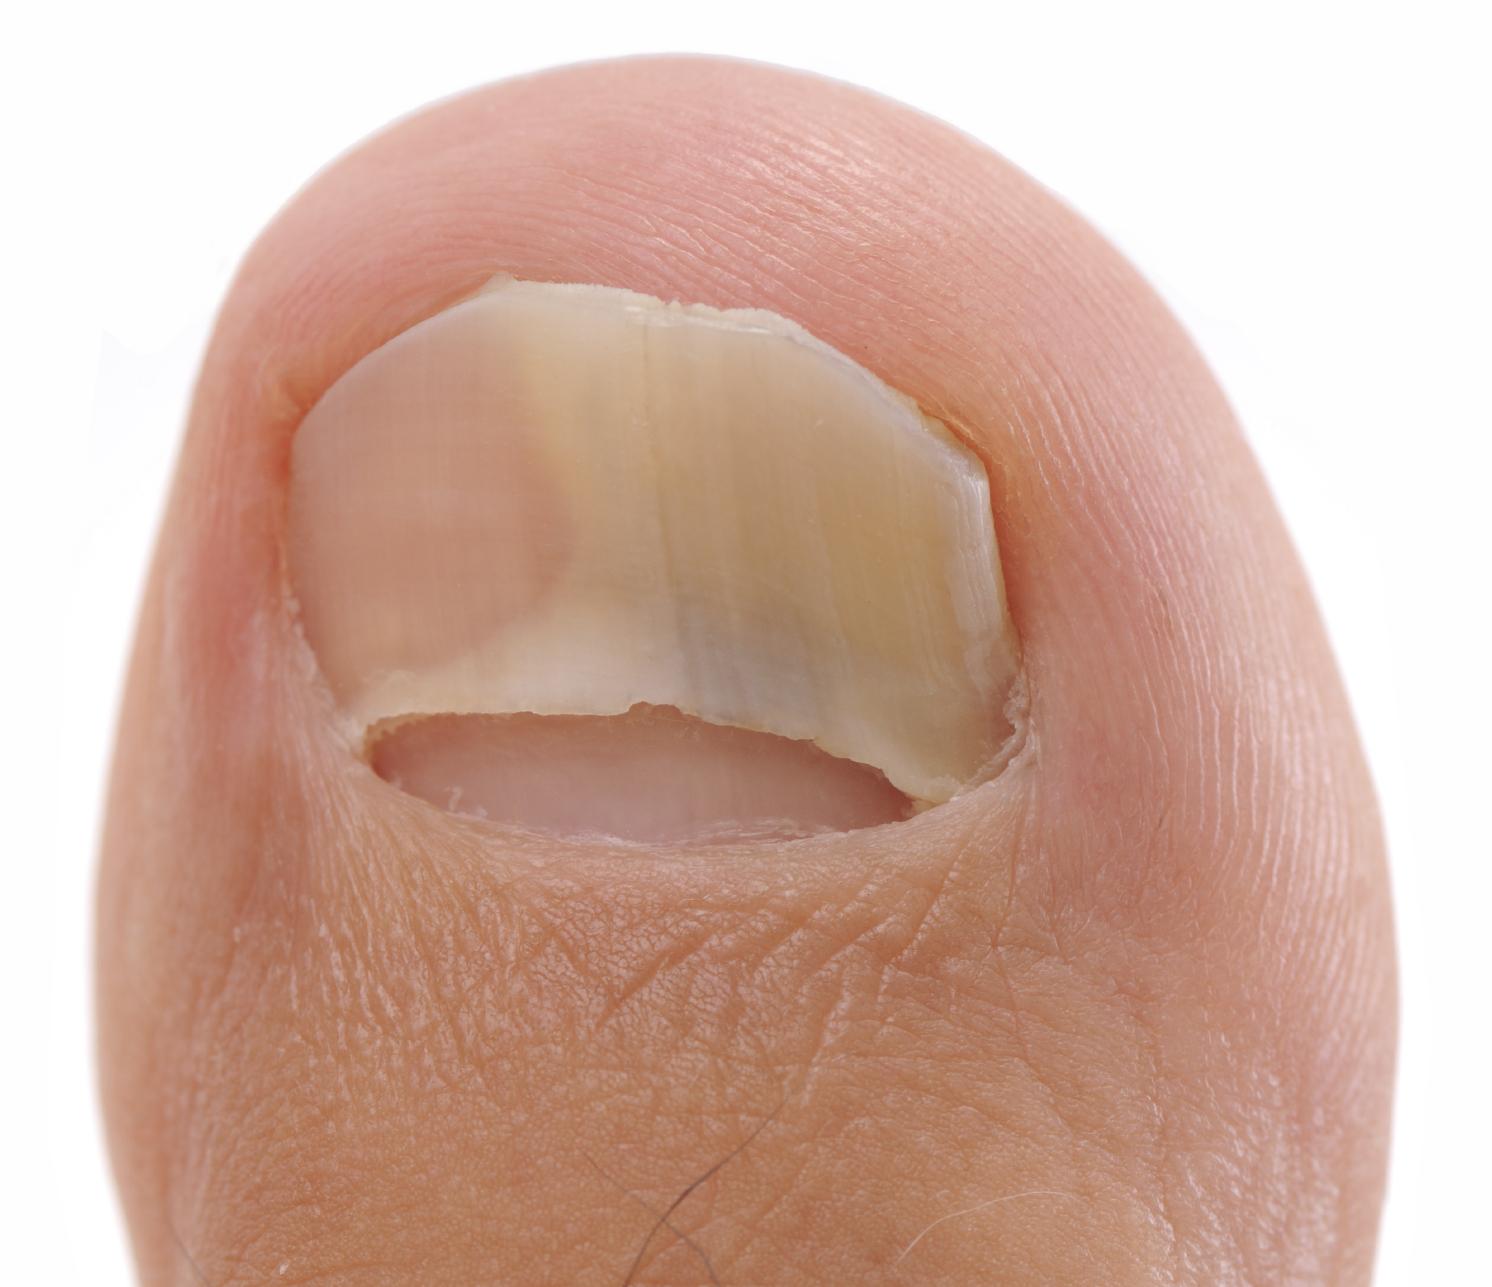 Débarassez-vous définitivement de votre mycose d'ongle !